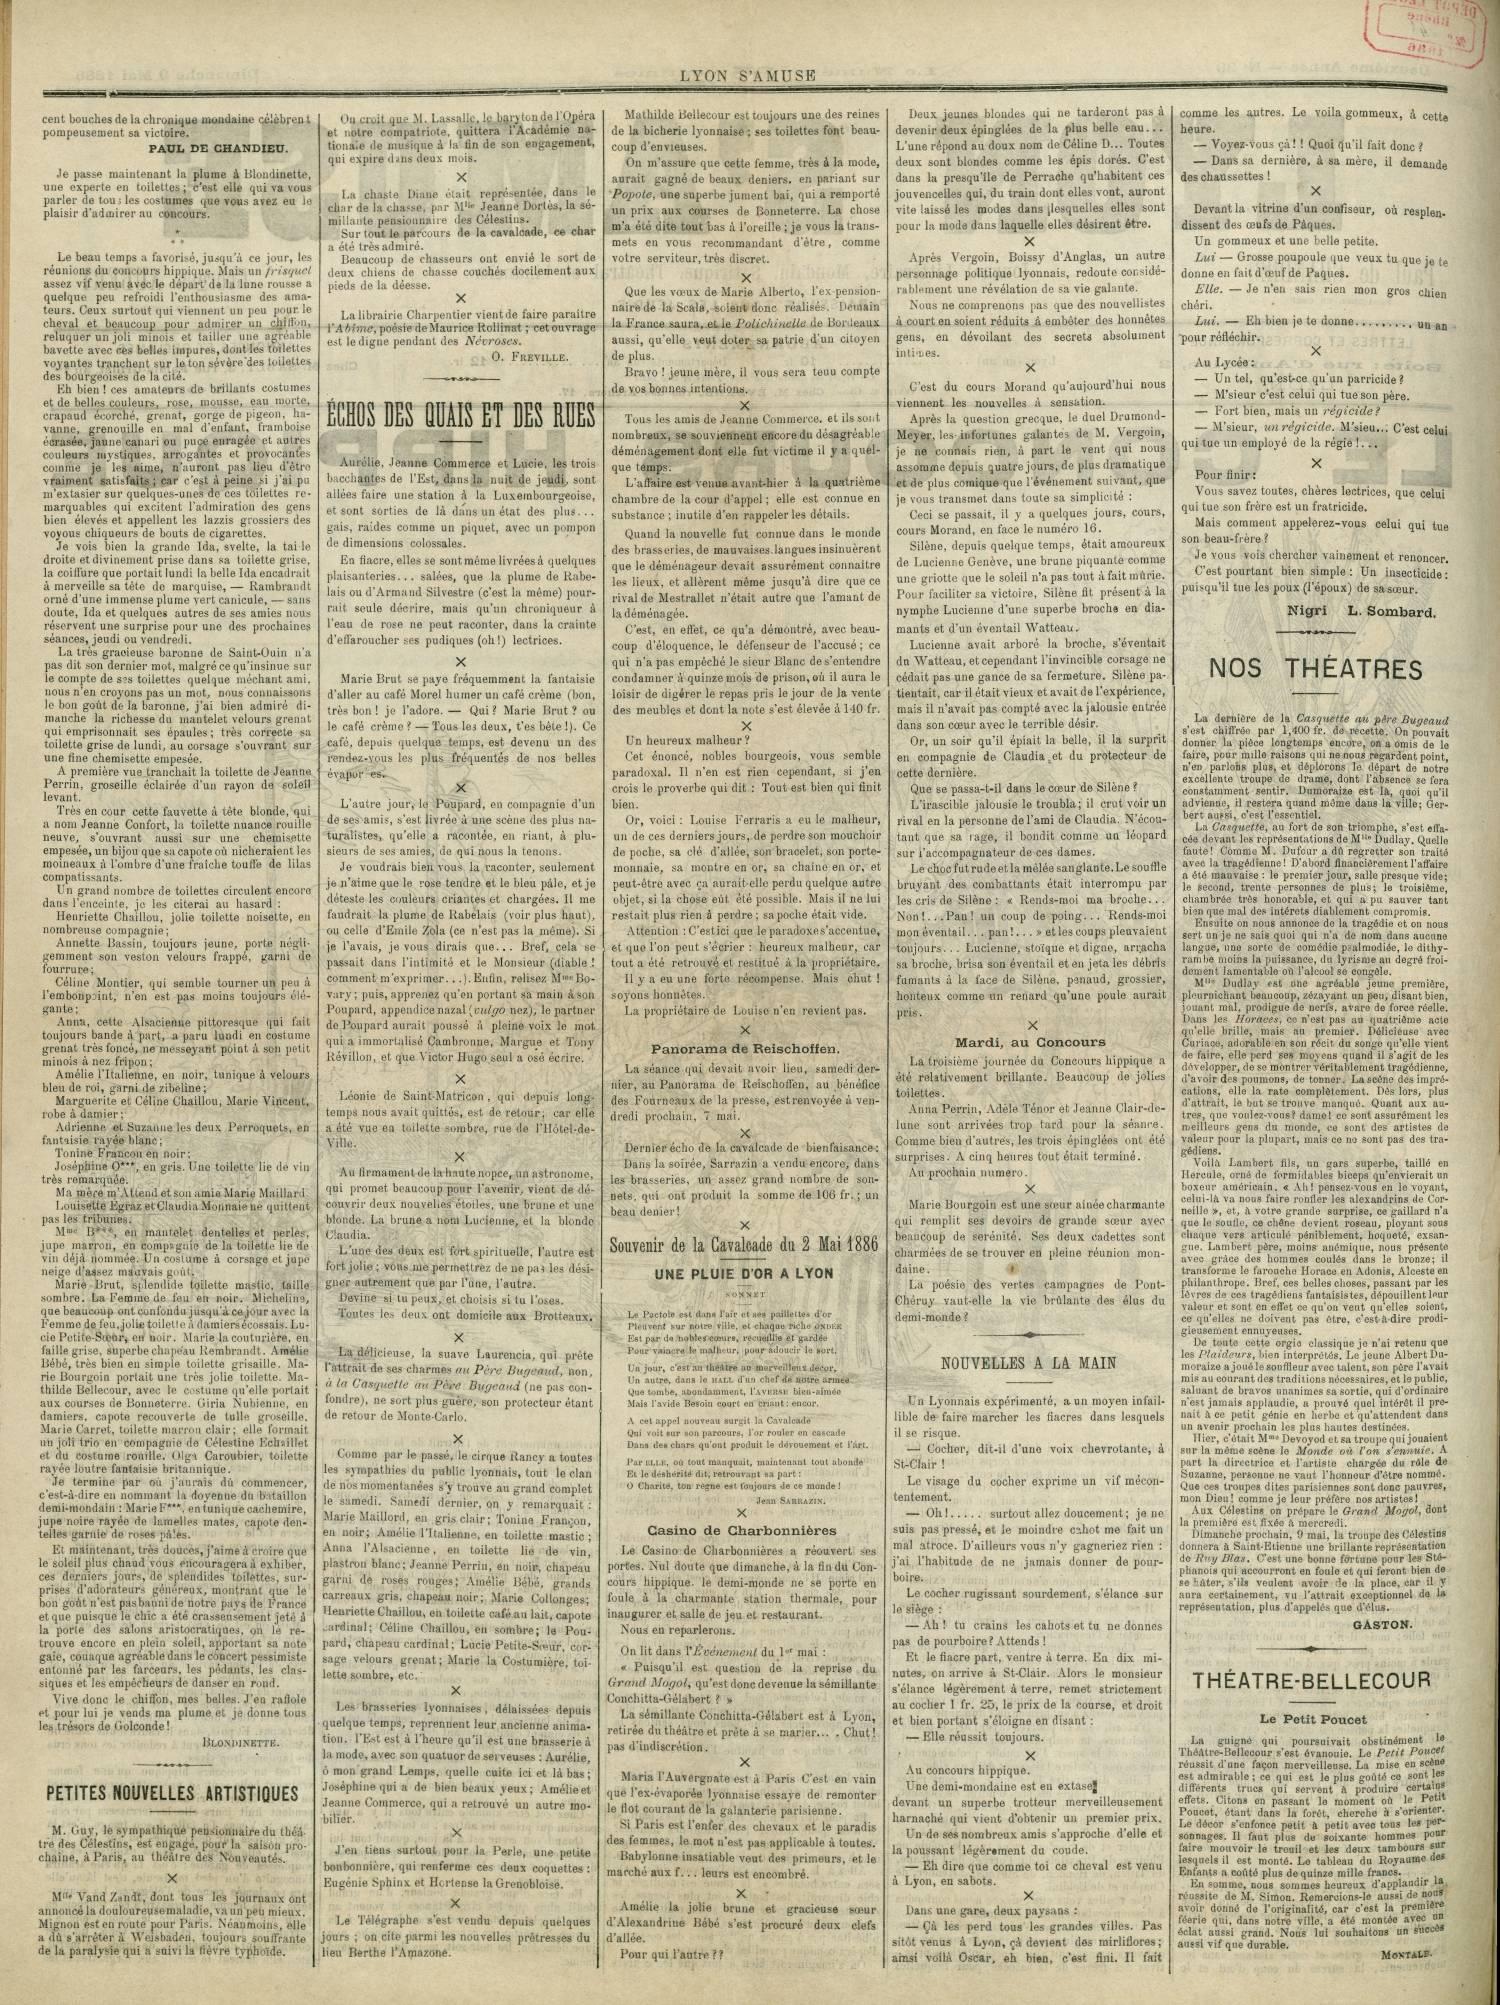 Contenu textuel de l'image : cent bouches de la chronique mondaine célèbren t pompeusement sa victoire.